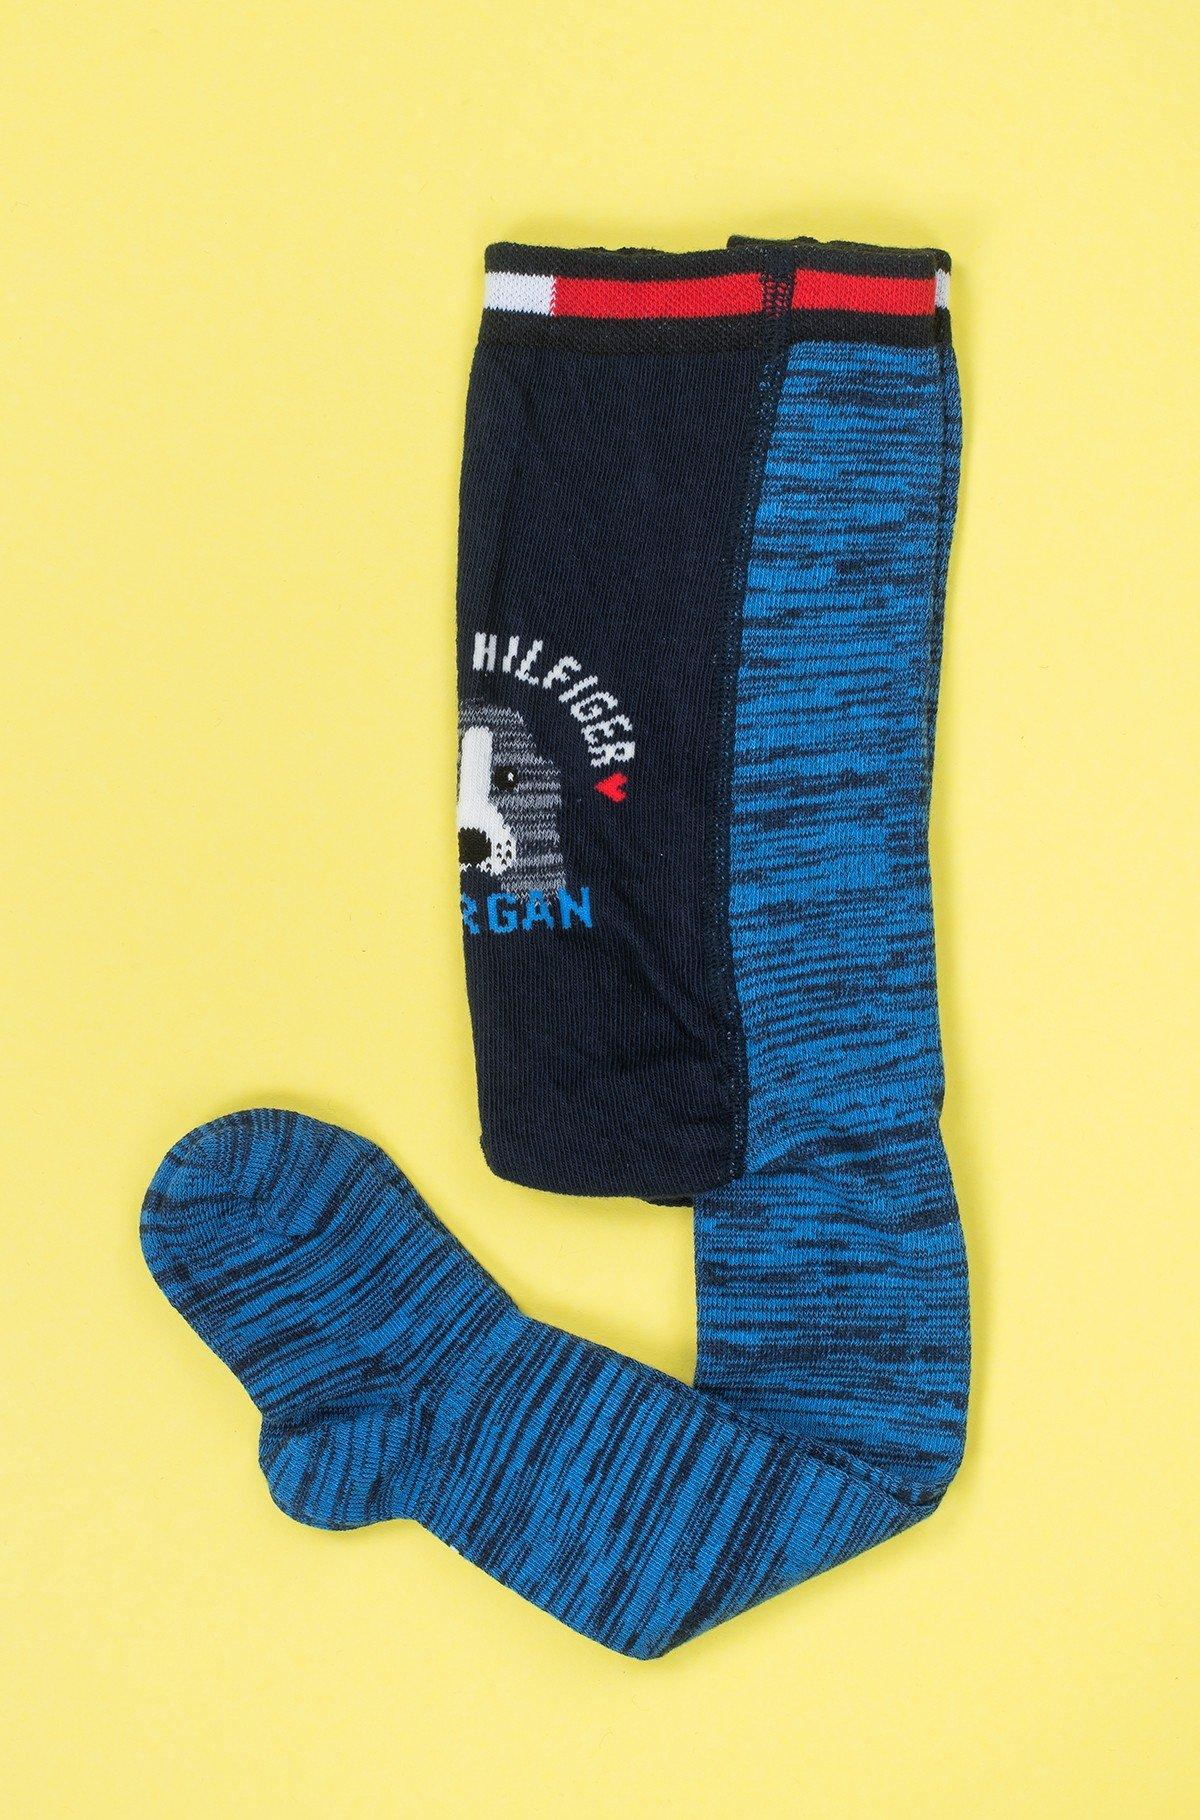 Vaikiškos kojinės 495010001-full-1